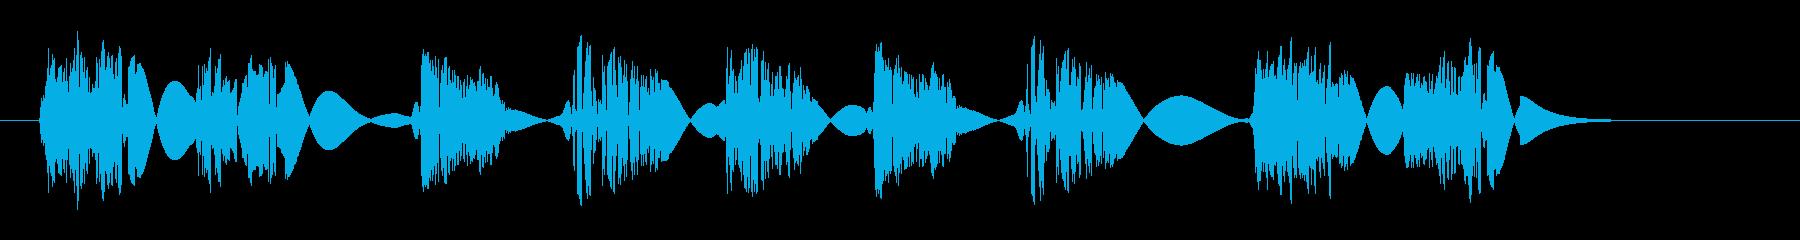 クイックスタッターバンプスイープの再生済みの波形